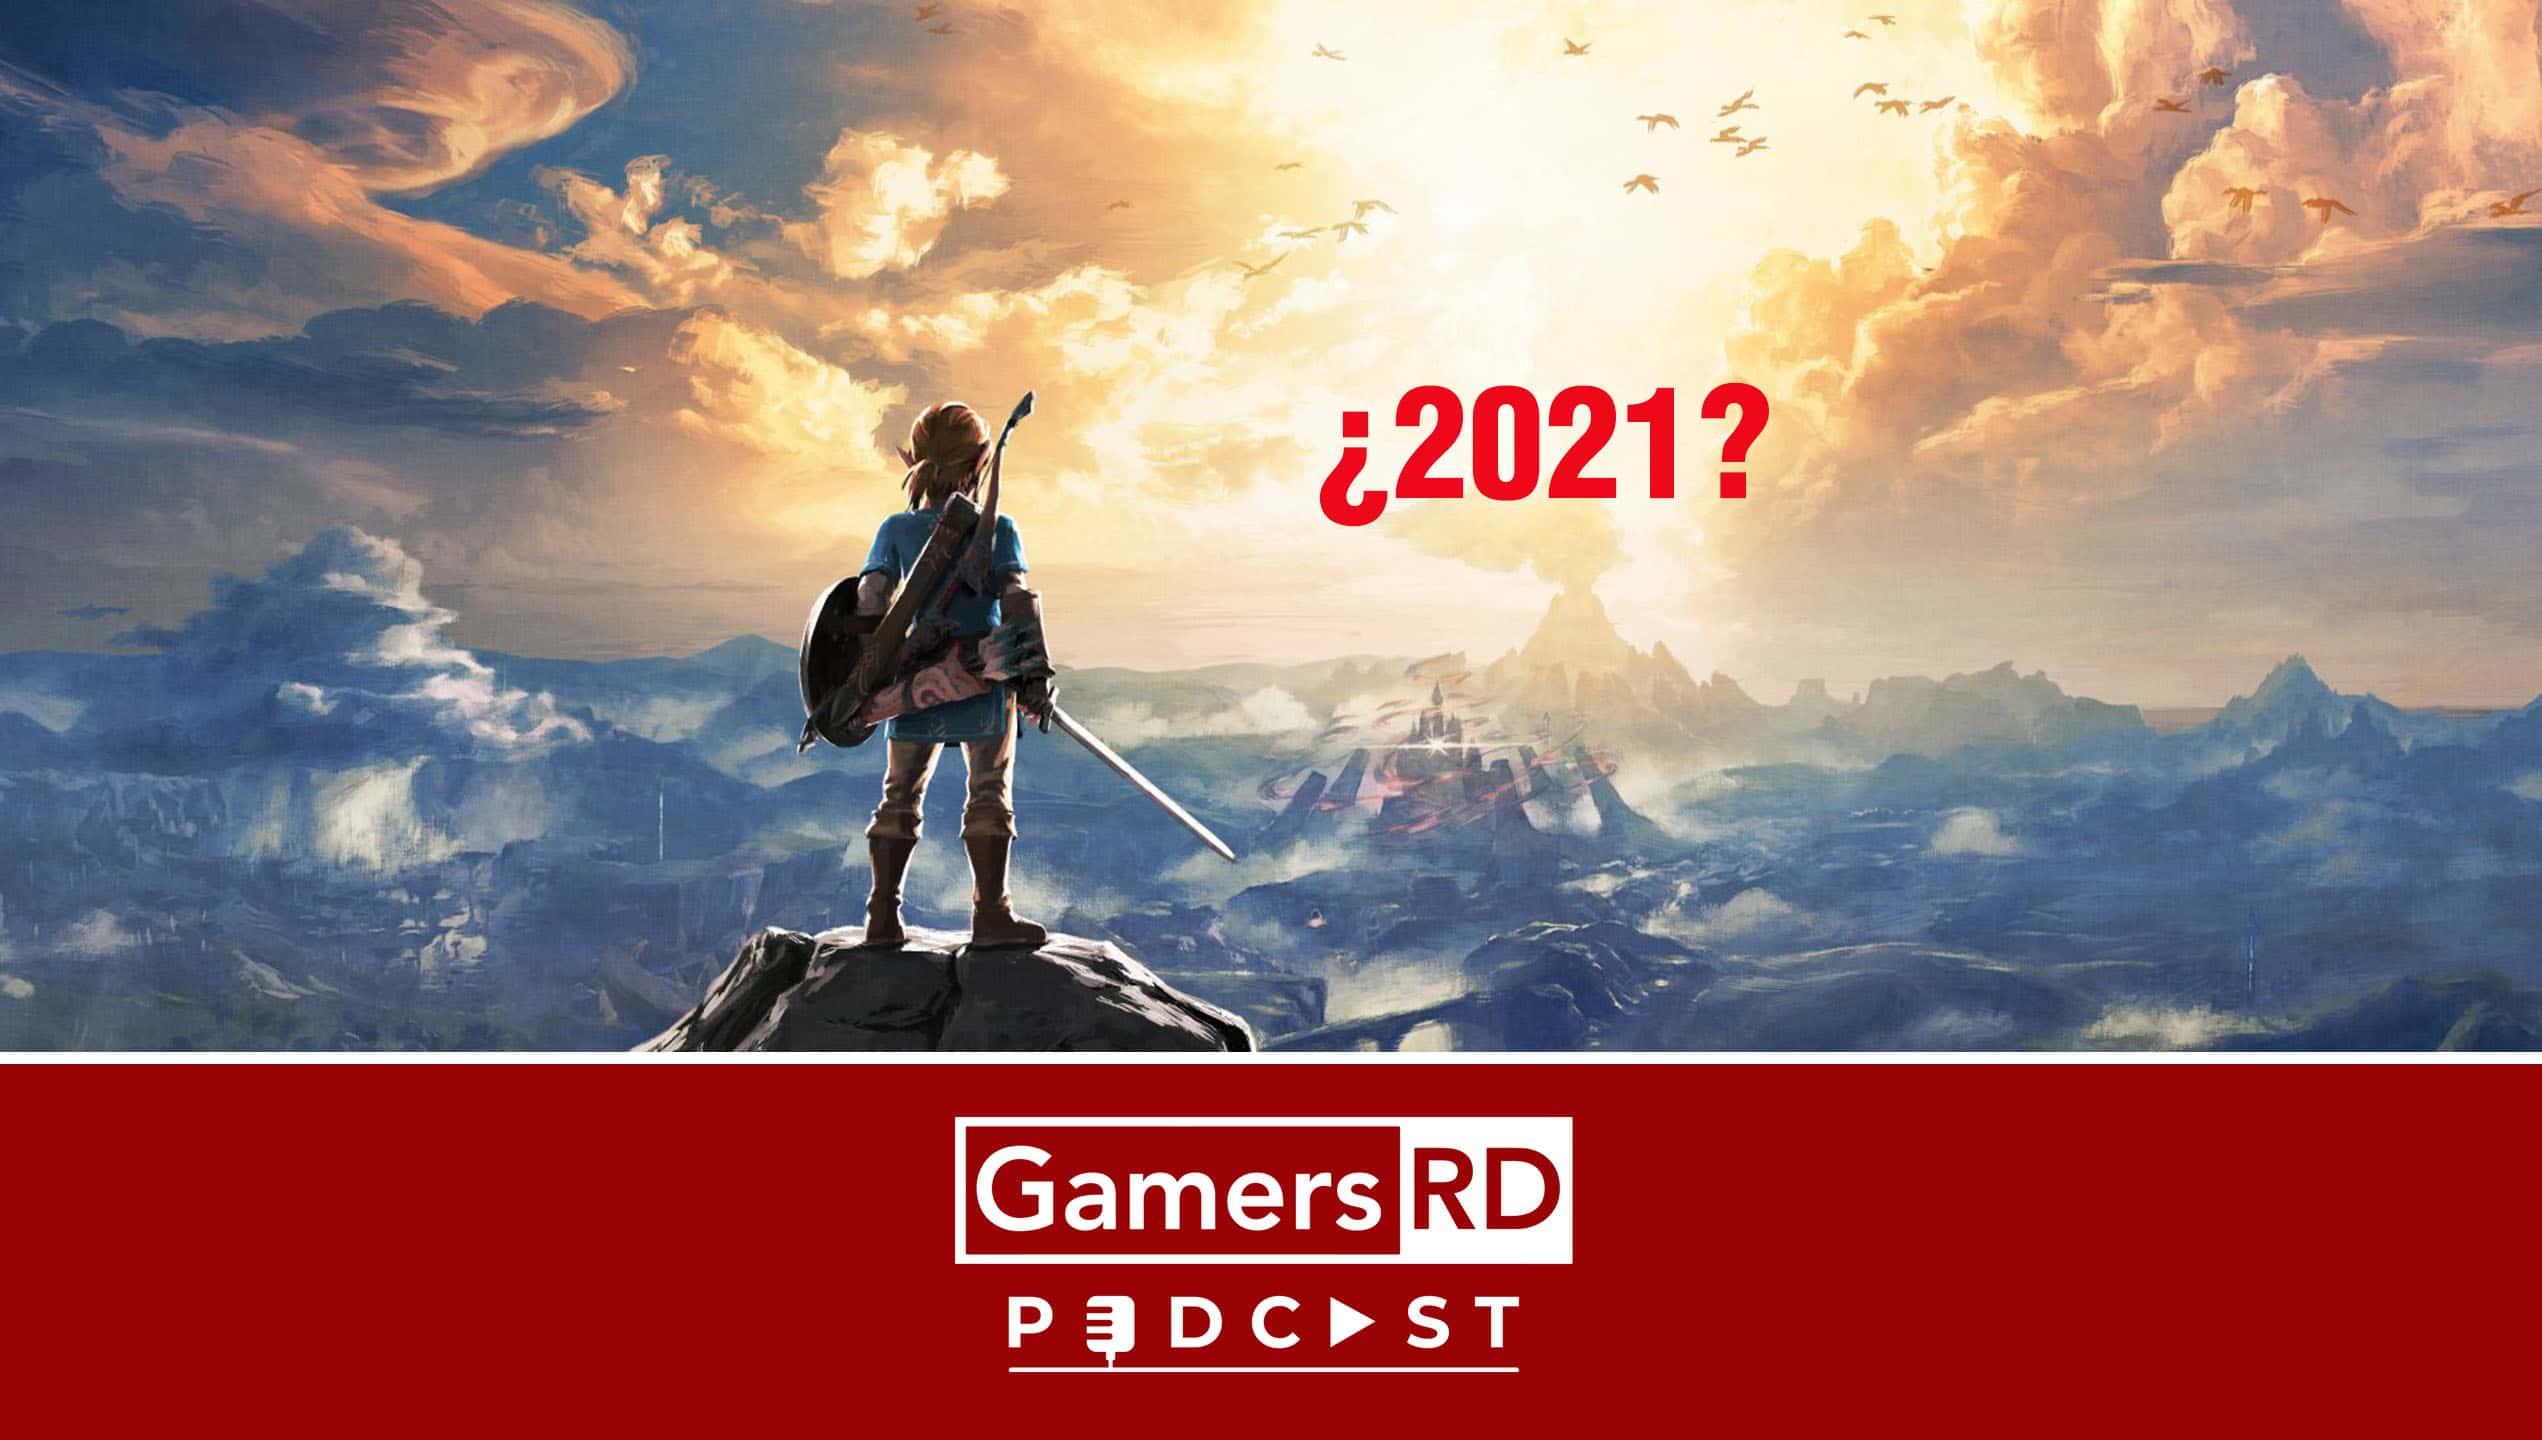 GamersRD Podcast #141 Lo que depara la industria de videojuegos para 2021.